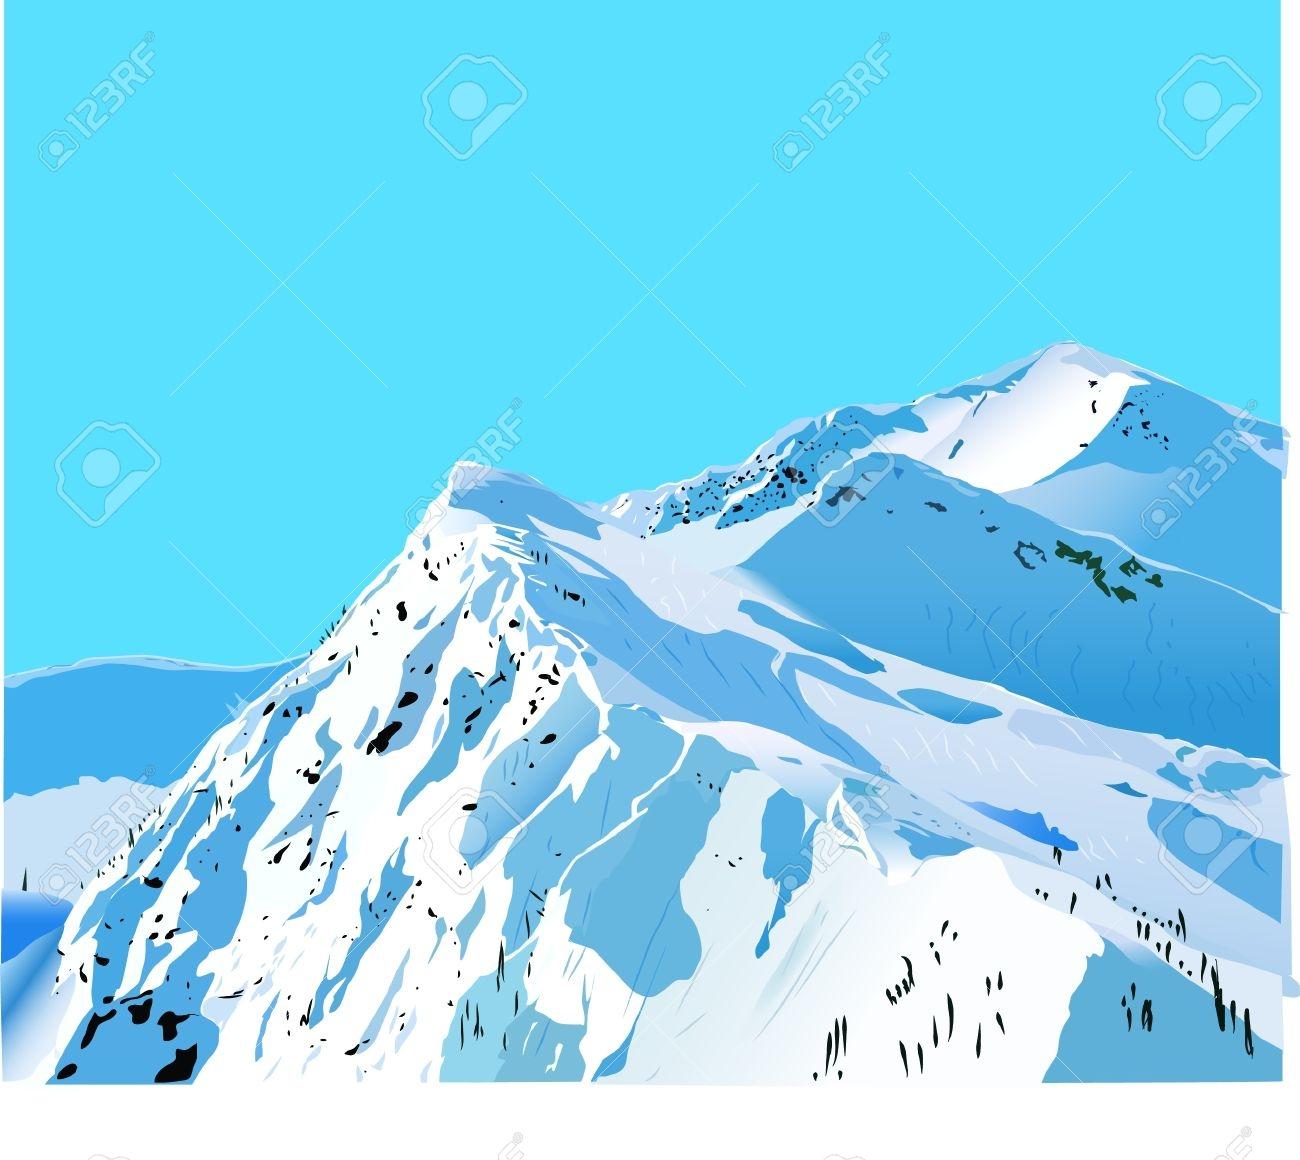 Alaska clipart snow mountain.  collection of high